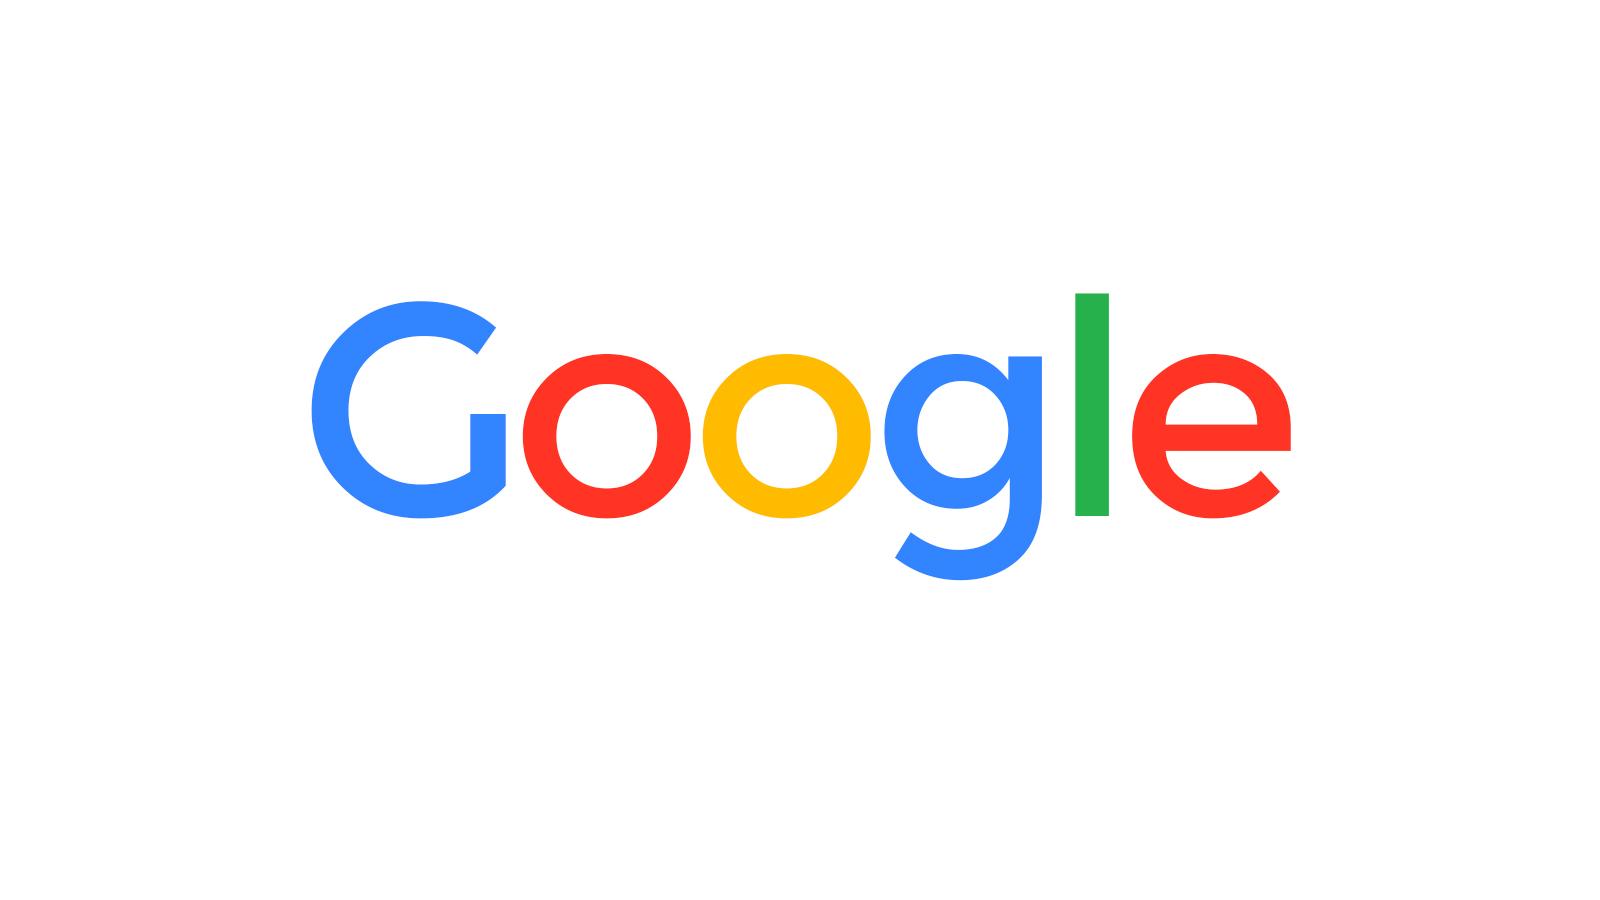 ВGoogle назвали самые известные автобренды Рунета